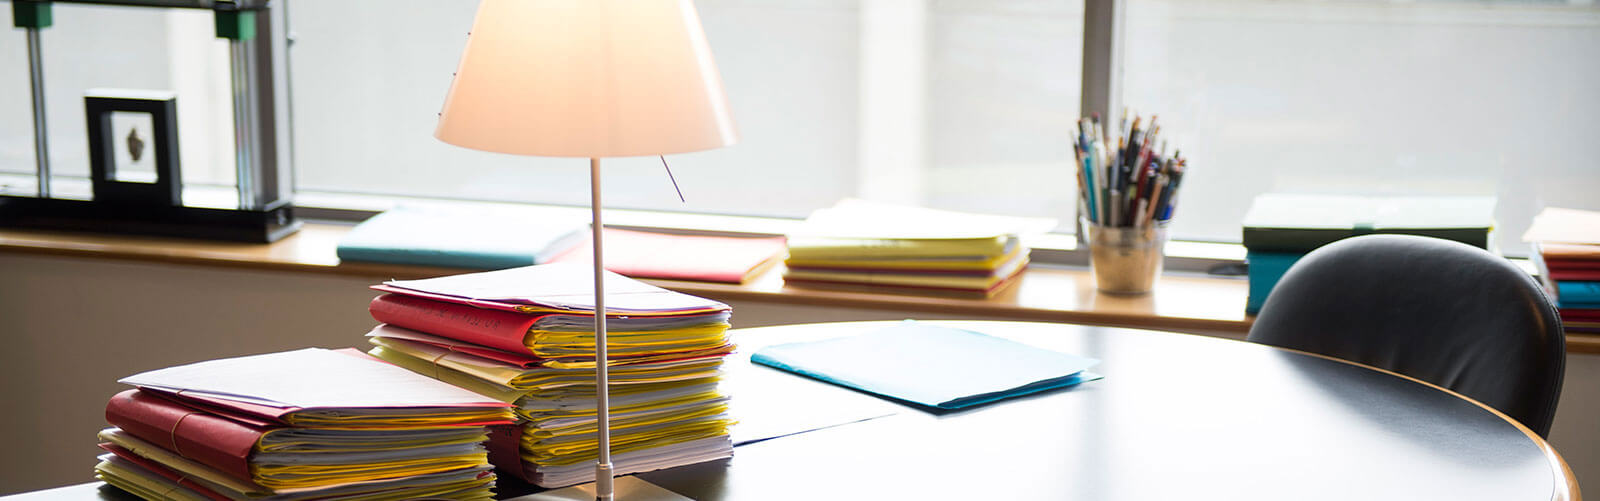 avocat droit du travail lyon formation et conseil droit social cabinet renaud avocats. Black Bedroom Furniture Sets. Home Design Ideas